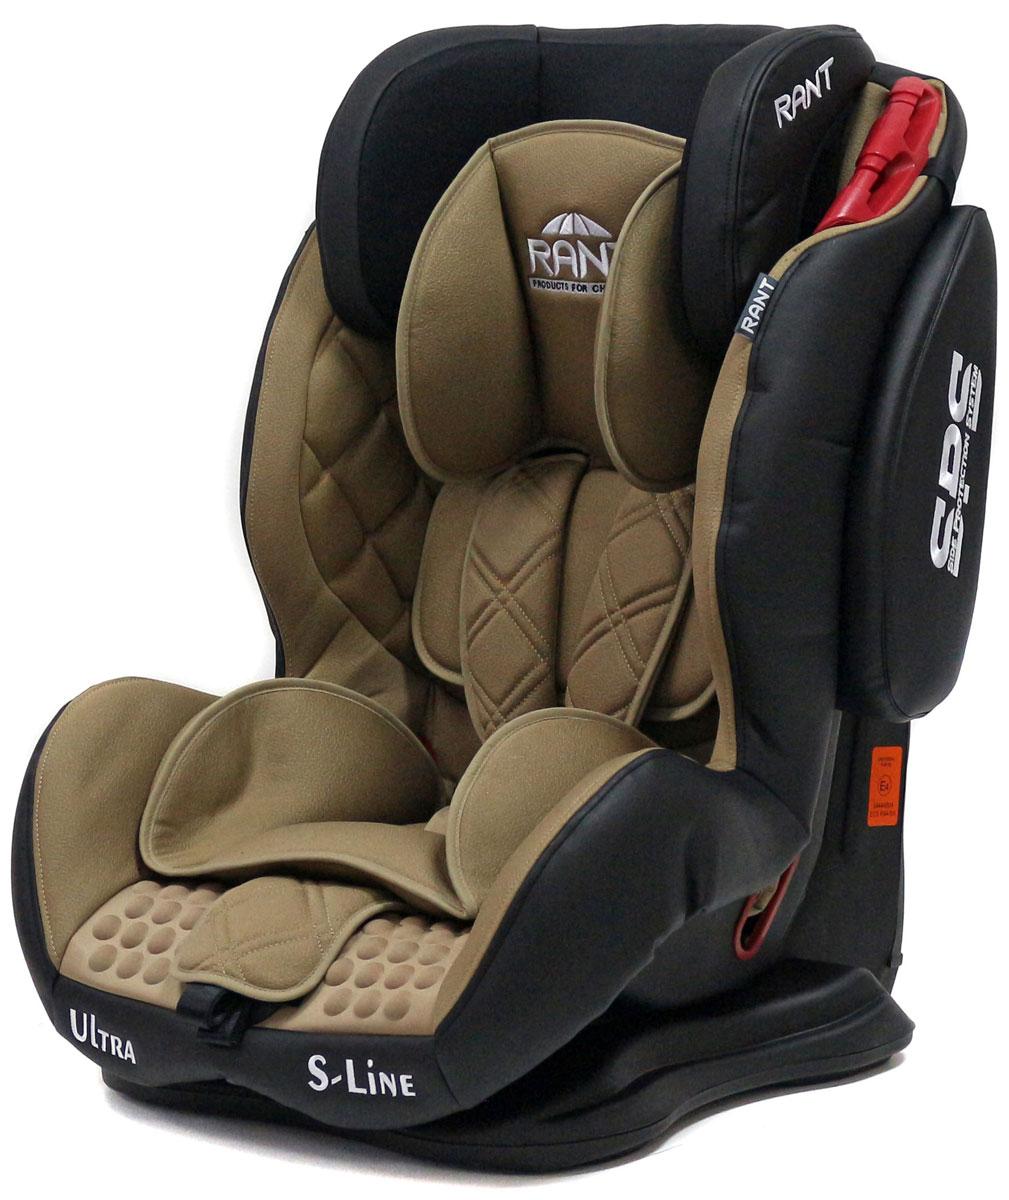 Rant Автокресло Ultra SPS цвет кофейный от 9 до 36 кг4630008878767Автокресло Rant Ultra SPS группы 1-2-3 предназначено для детей весом от 9 до 36 кг (возраст от 9 месяцев до 12 лет), крепится штатными ремнями безопасности автомобиля, устанавливается по ходу движения автомобиля. Кресло оснащено пятиточечным ремнем безопасности с мягкими плечевыми накладками и антискользящими нашивками, 3-х ступенчатой настройкой высоты подголовника, корректировкой высоты ремня безопасности по уровню подголовника. 3 положения наклона корпуса, устойчивая база, фиксатор высоты штатных ремней безопасности, дополнительная боковая защита, съемный чехол, мягкий съемный вкладыш для малыша делают это кресло идеальным средством для защиты ребенка во время передвижения на автомобиле. Сертификат Европейского Стандарта Безопасности ЕCE R44/04.